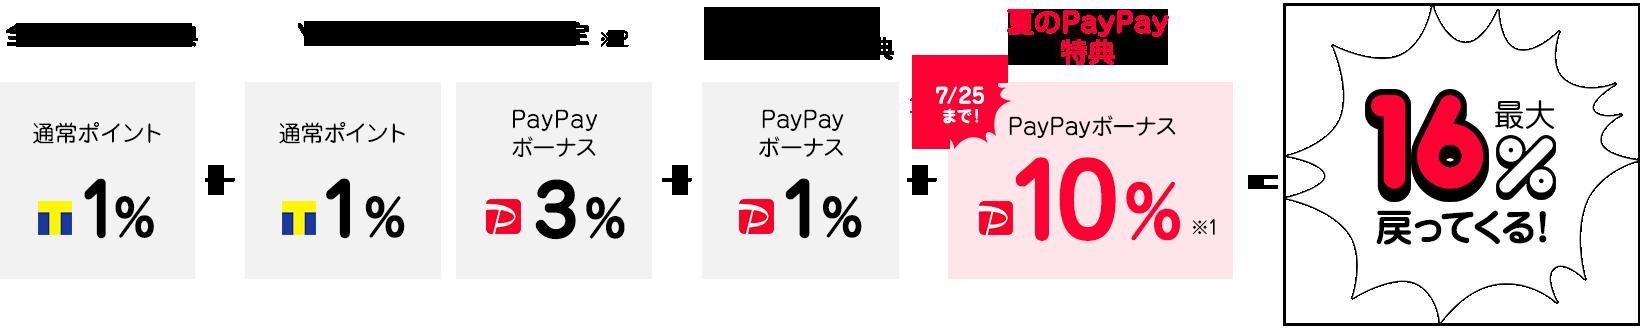 PayPay残高でのレンタルで最大16%相当戻ってくる